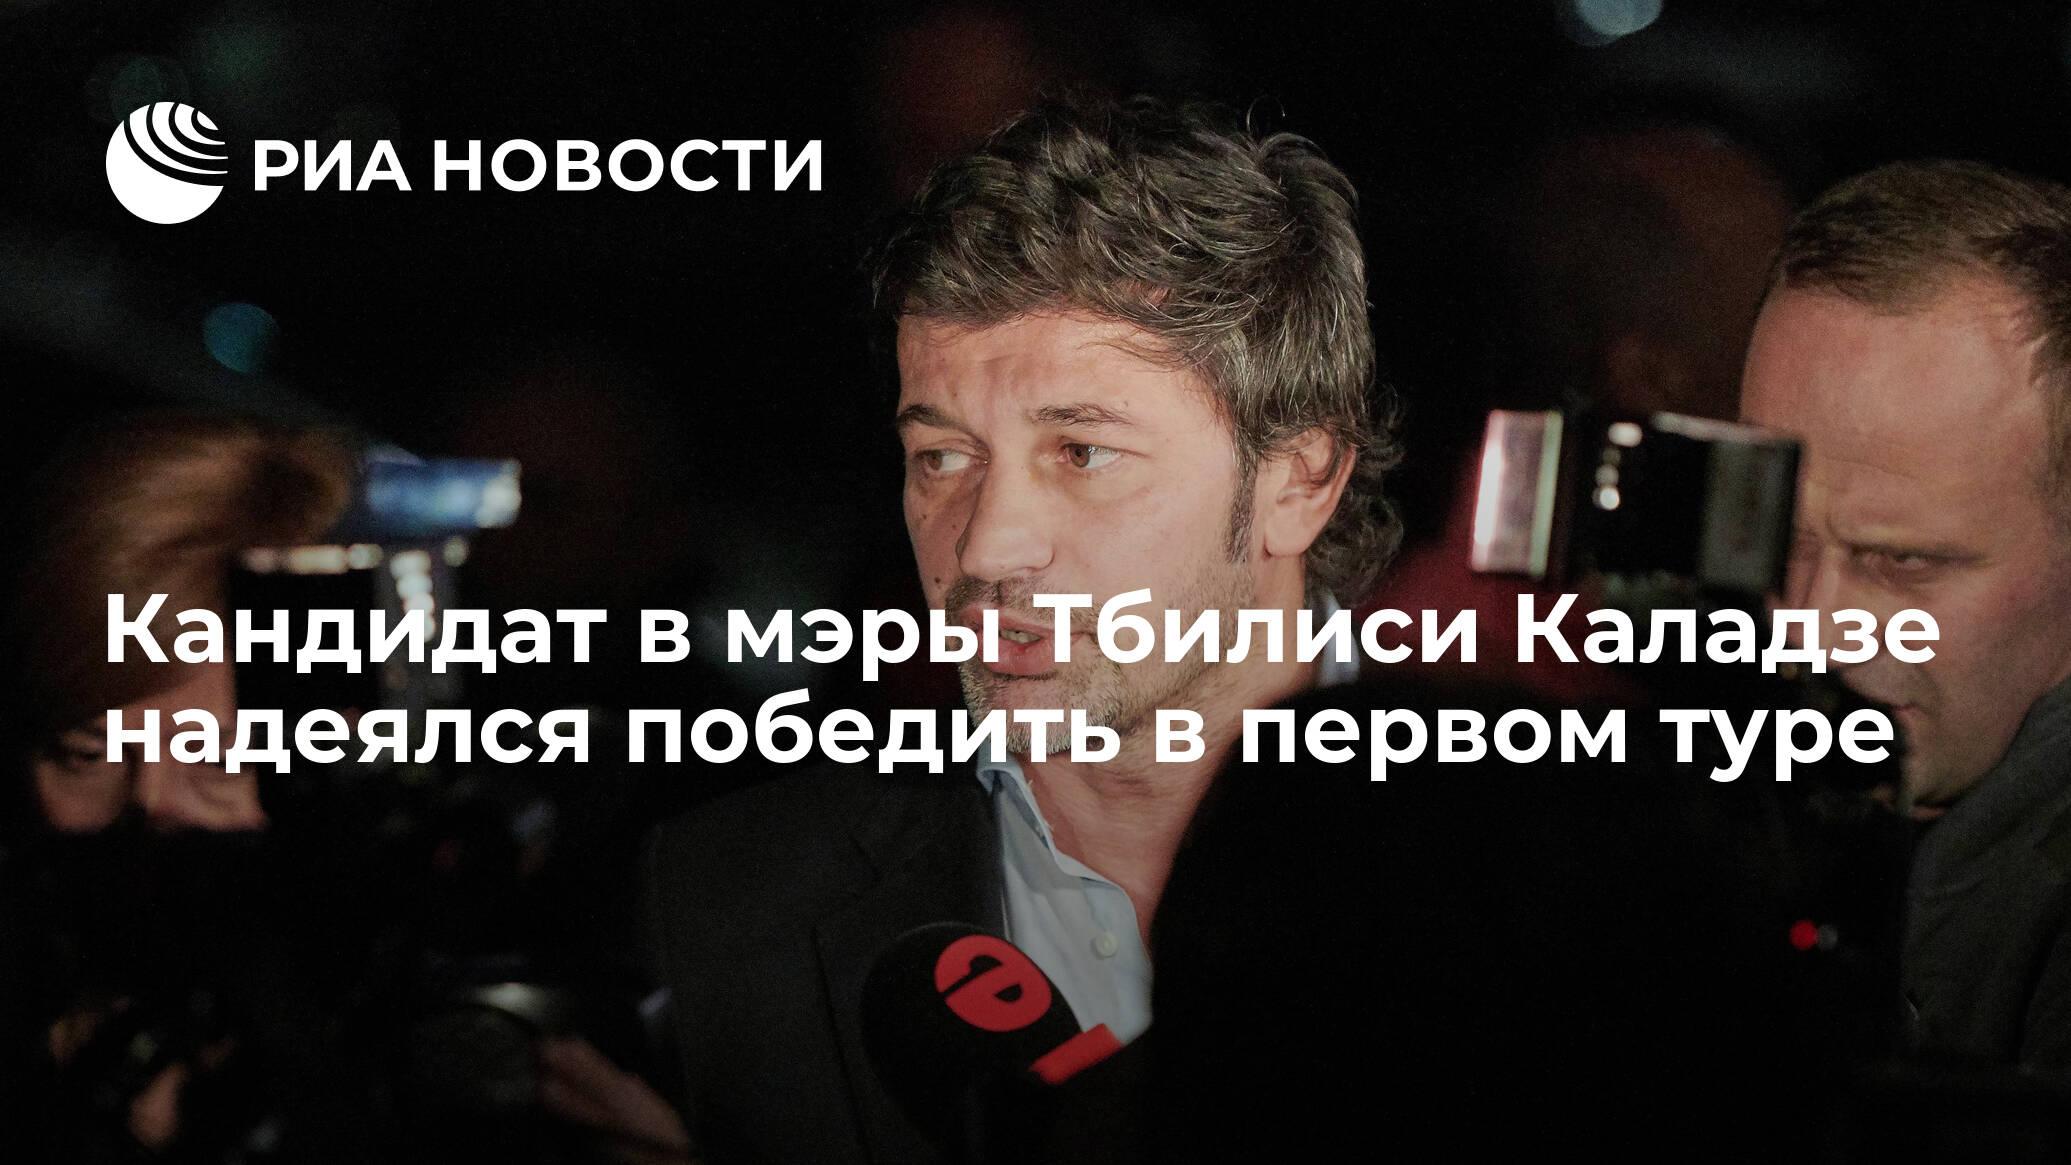 Кандидат в мэры Тбилиси Каладзе надеялся победить в первом туре